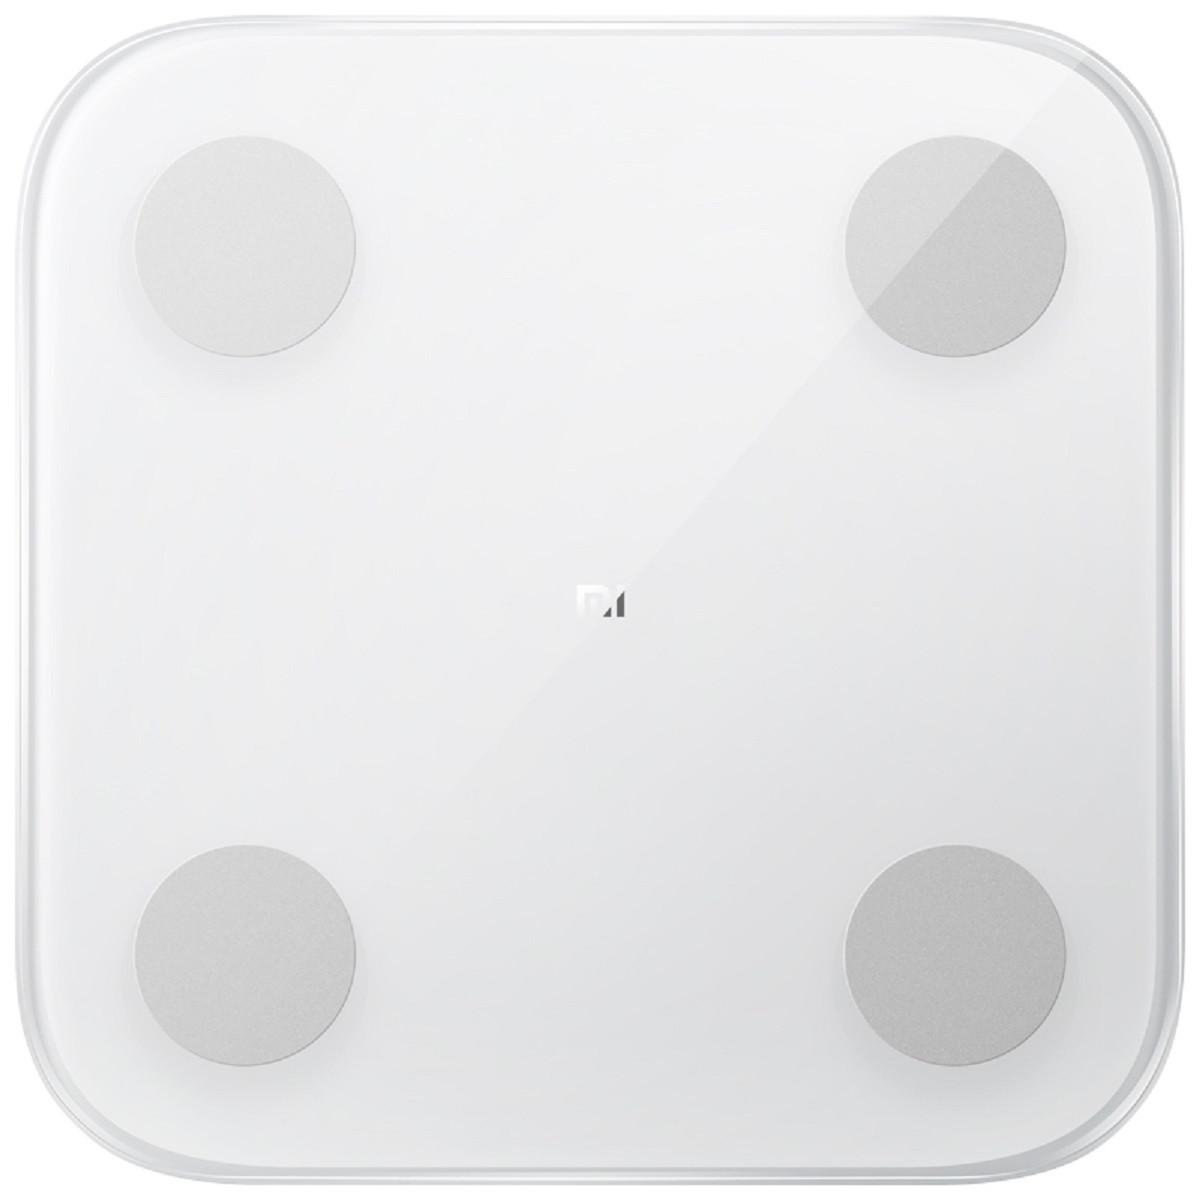 小米 体重秤2代家用体脂秤2智能体重秤LED显示屏